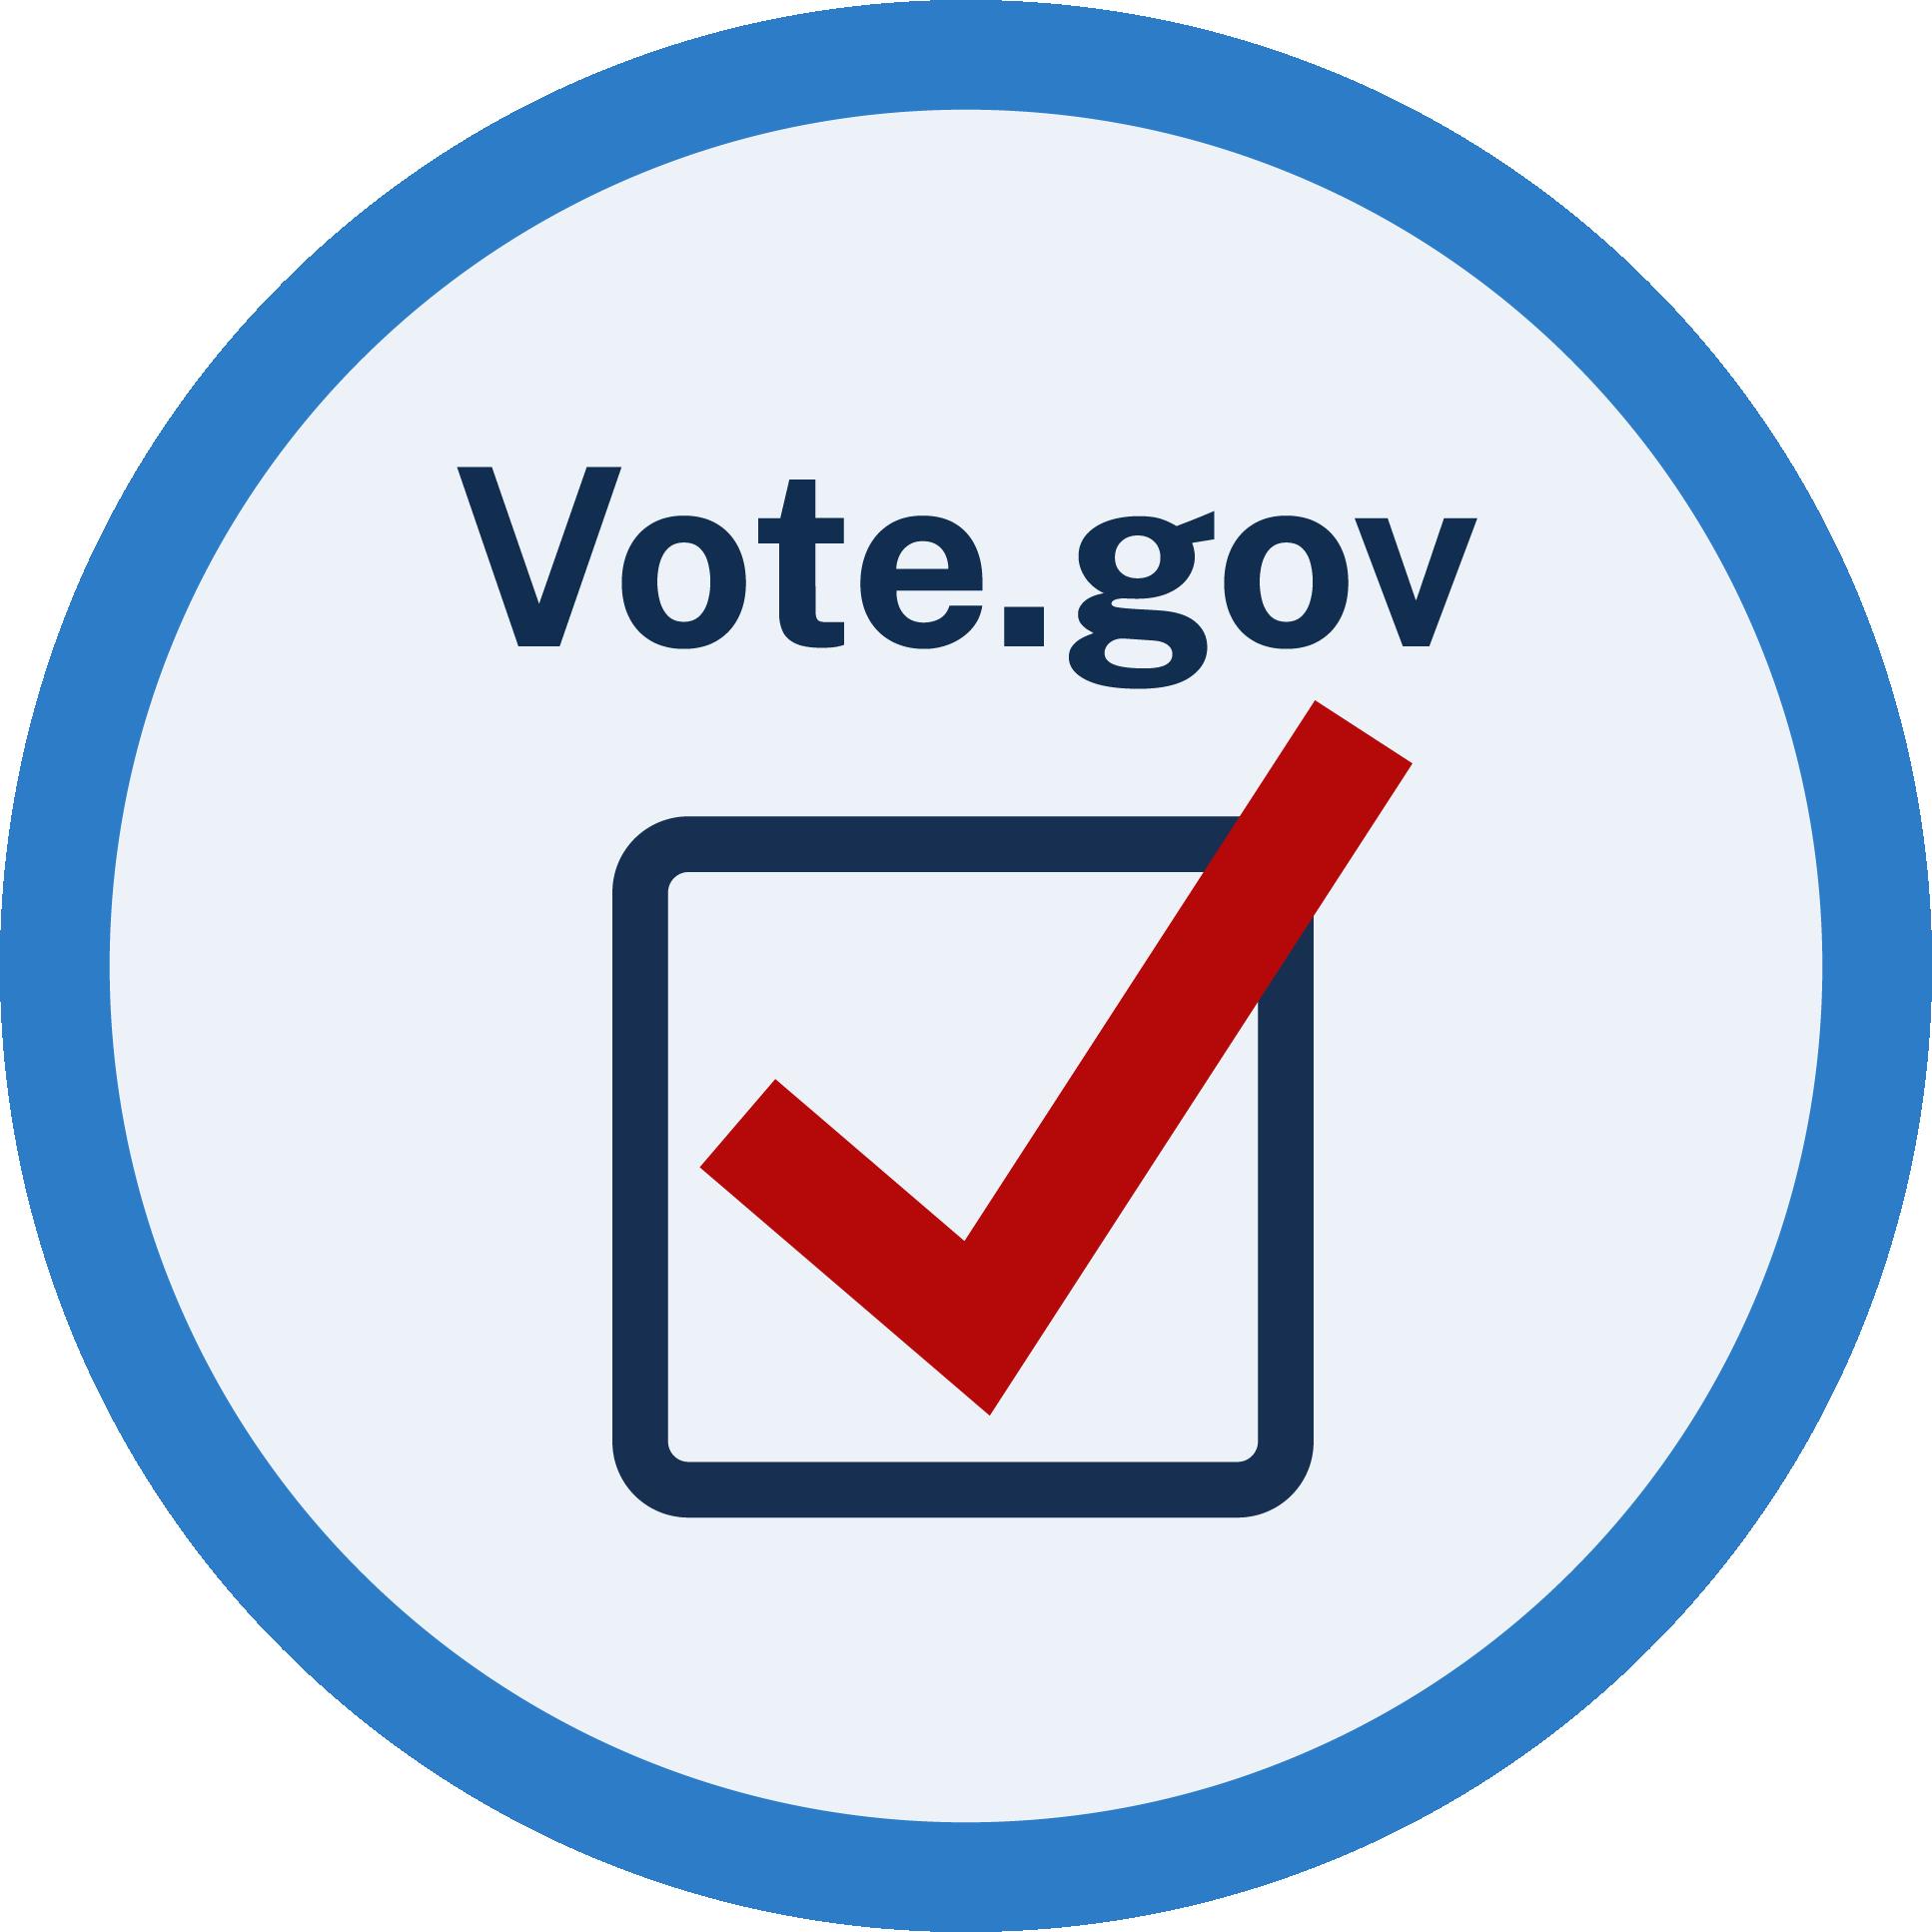 Vote.gov